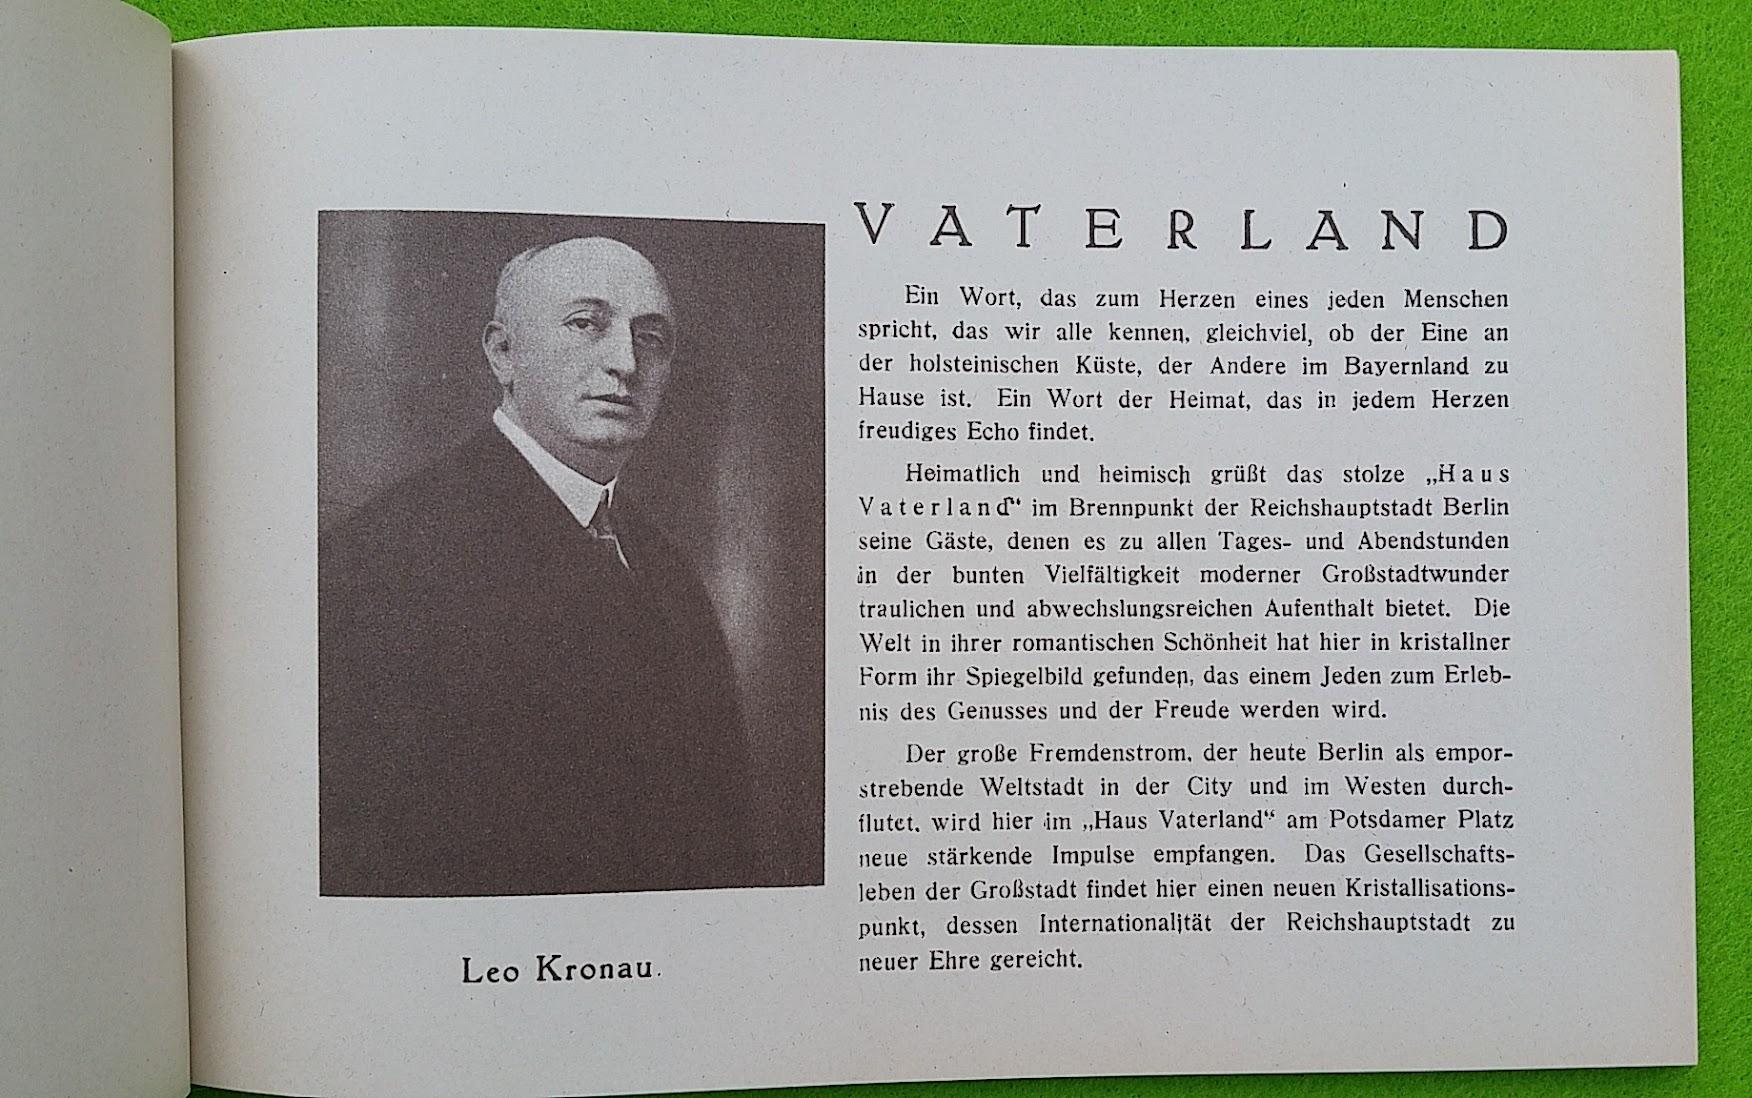 Begleitheft zur Eröffnung von Haus Vaterland am Potsdamer Platz, Berlin, 31. August 1928 - Leo Kronau